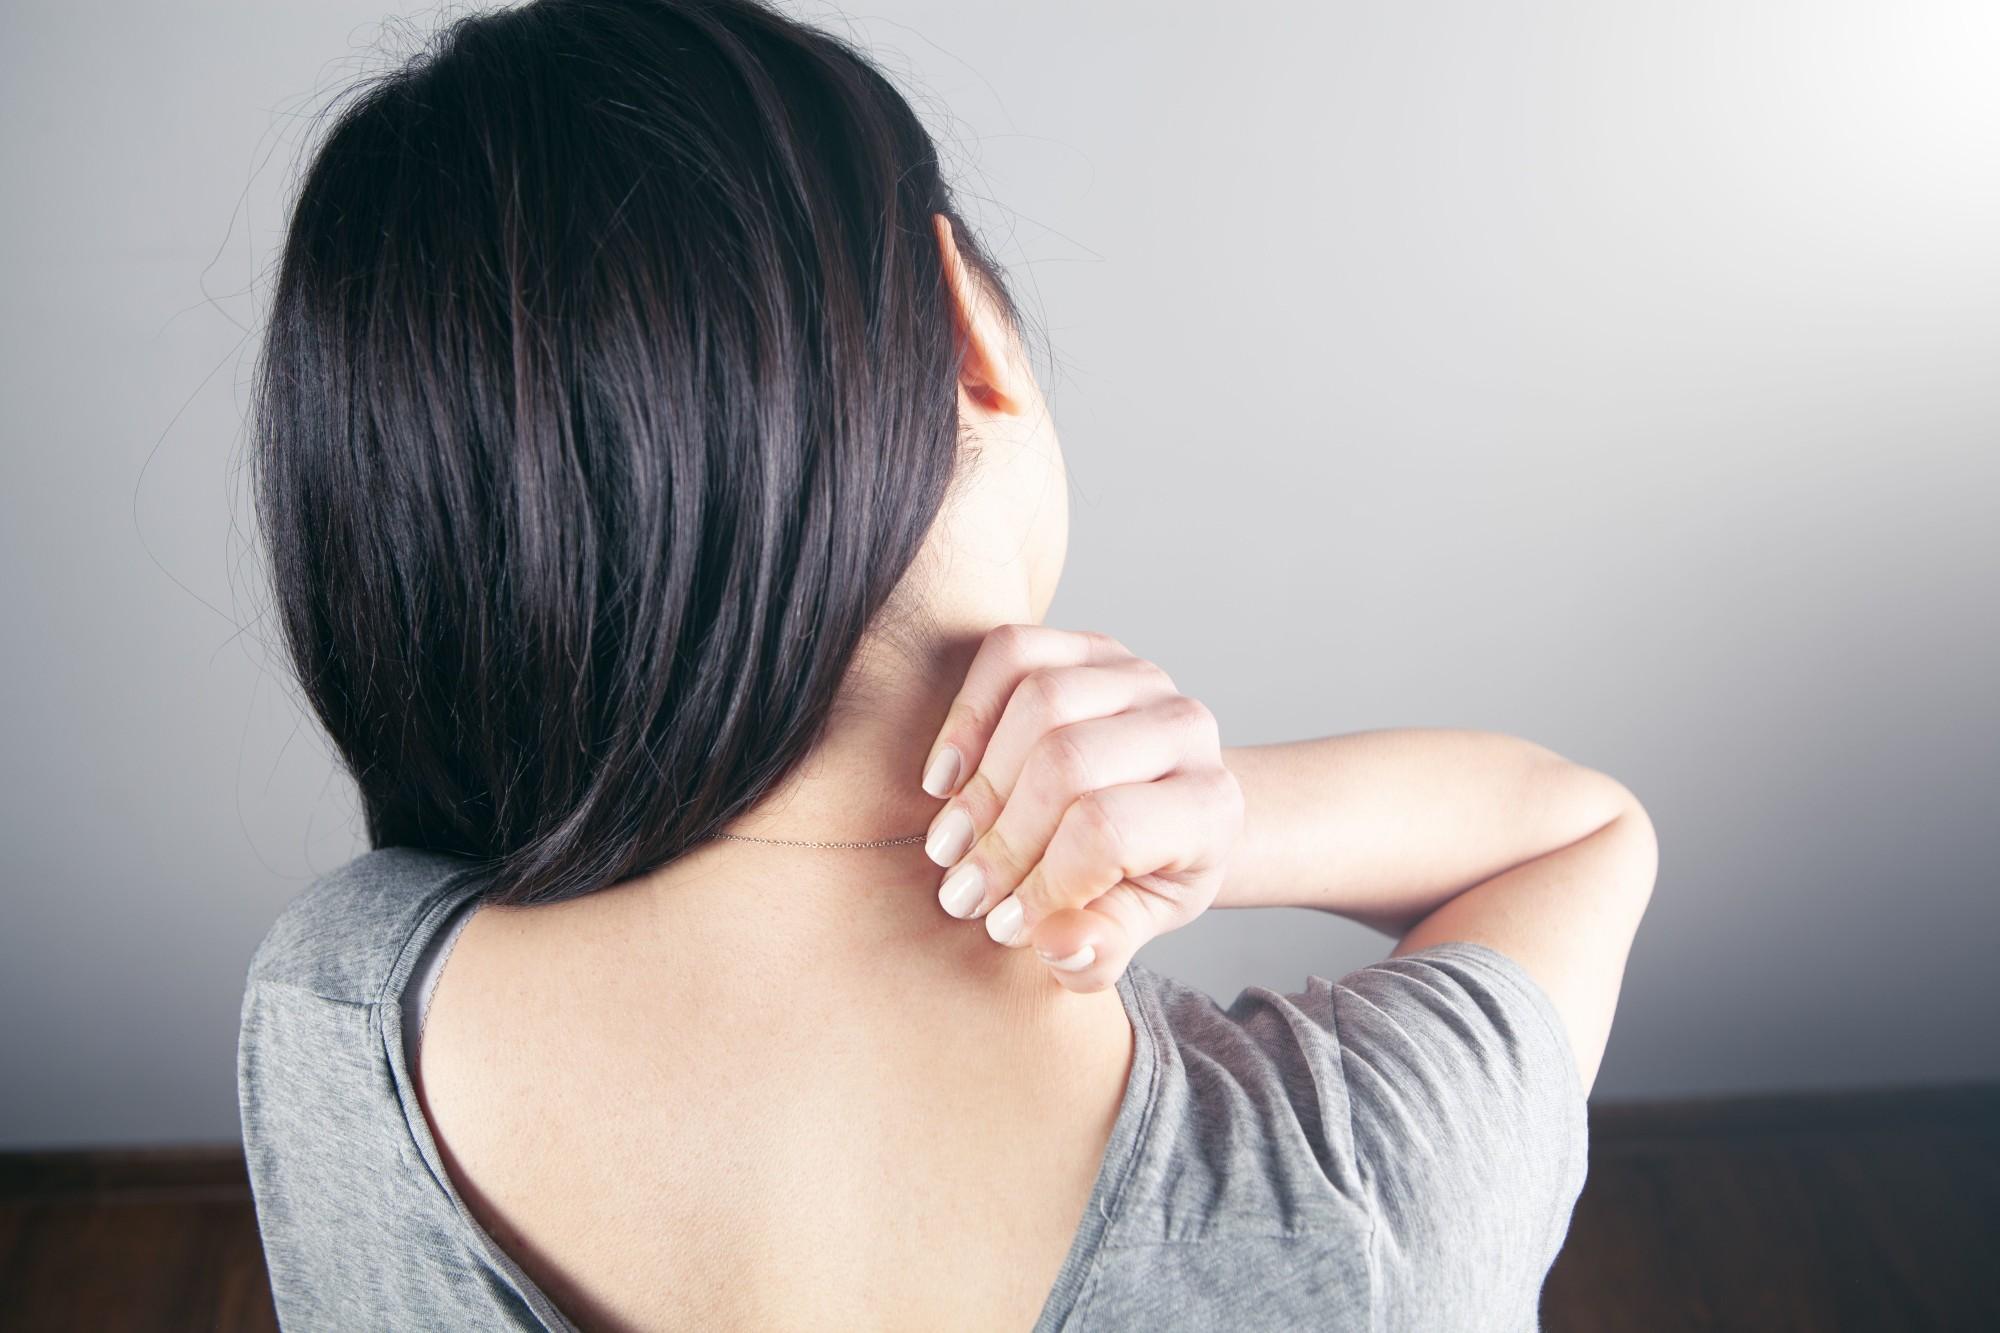 Como tratar a fibromialgia? Entenda